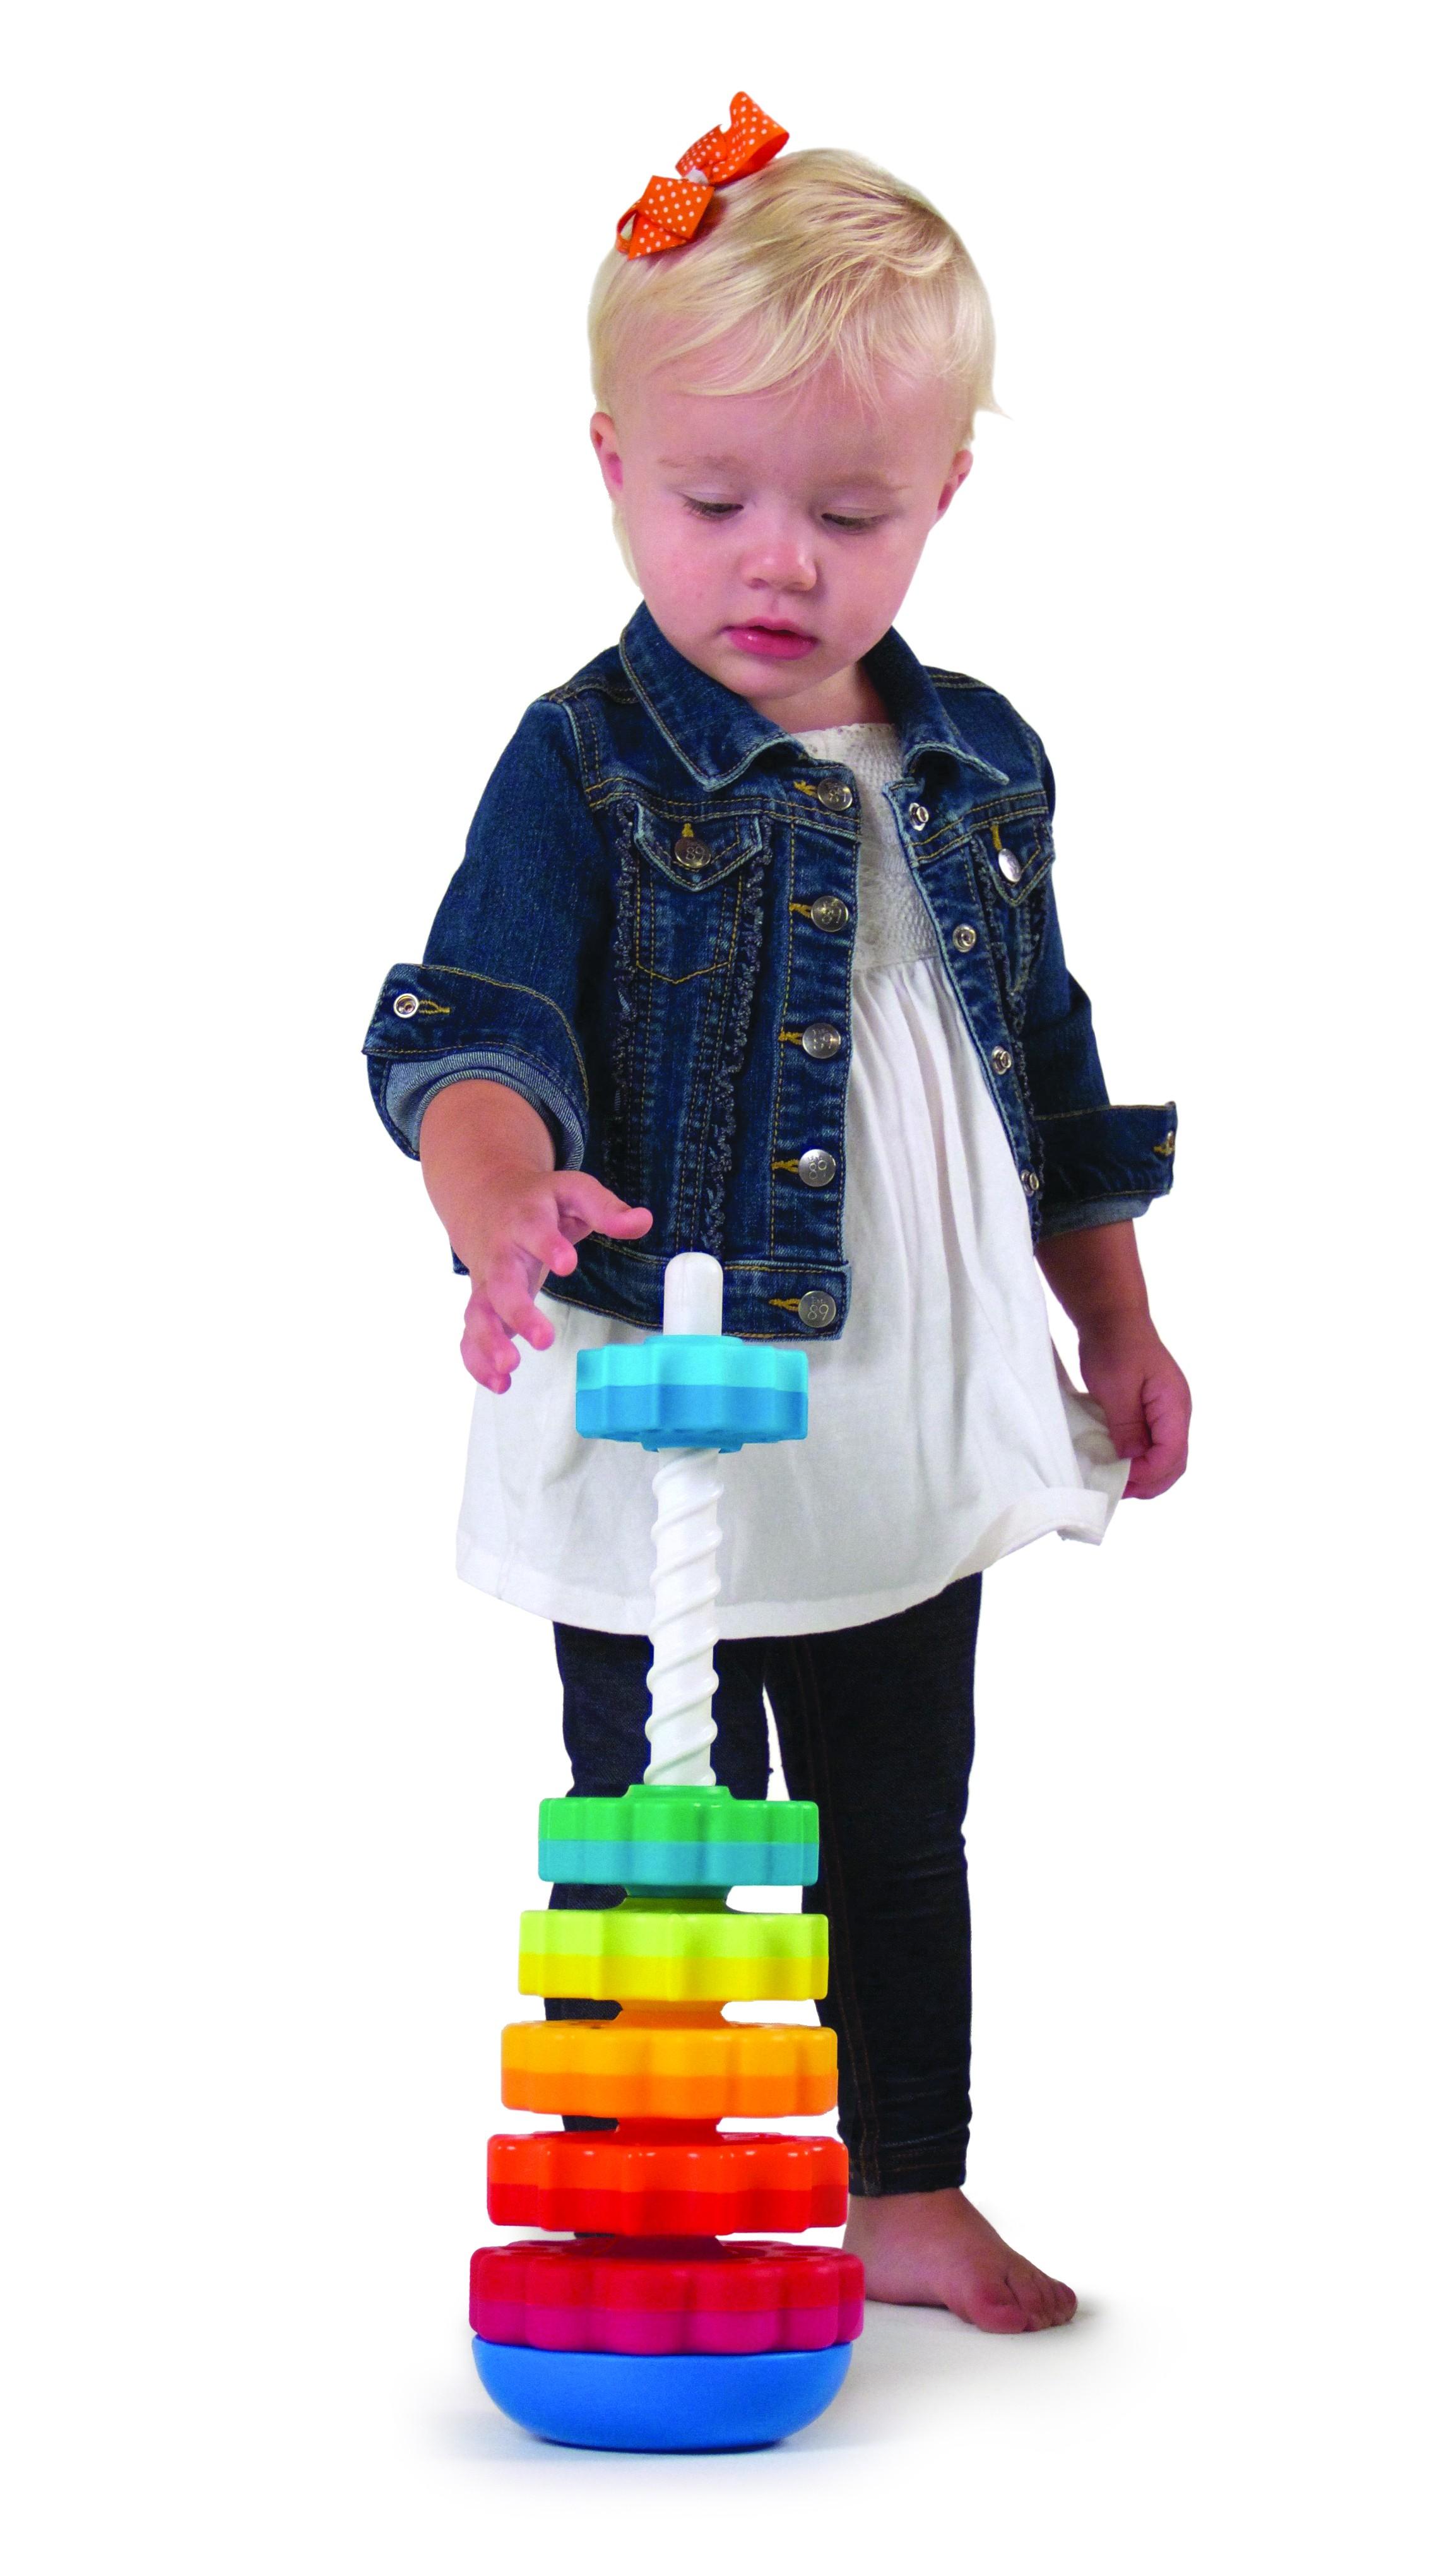 Piramida cu rotite pentru bebelusi - Fat Brain Toys 18